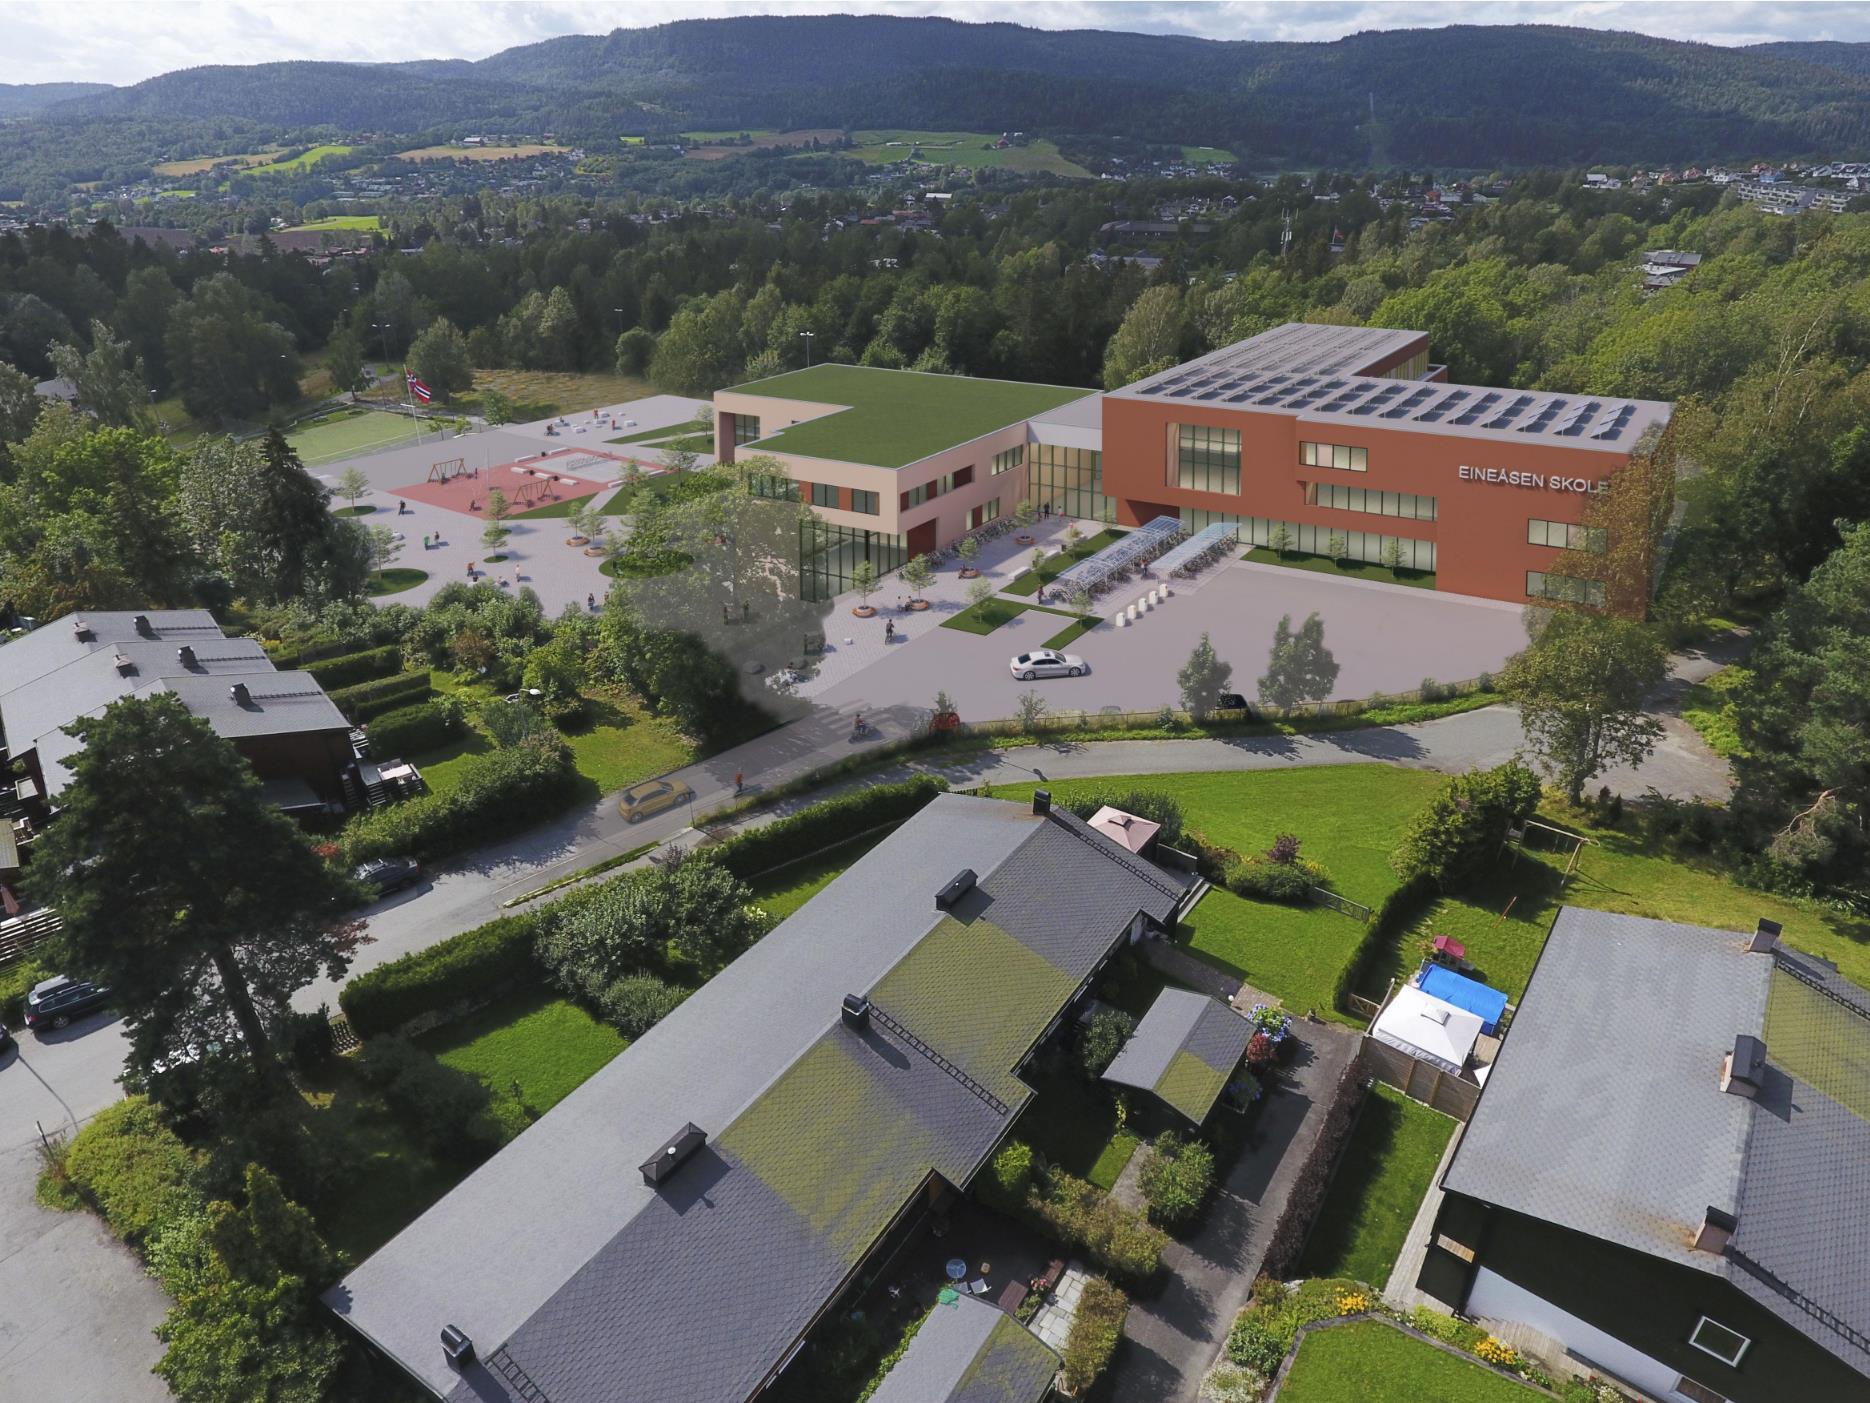 Eineåsen skole